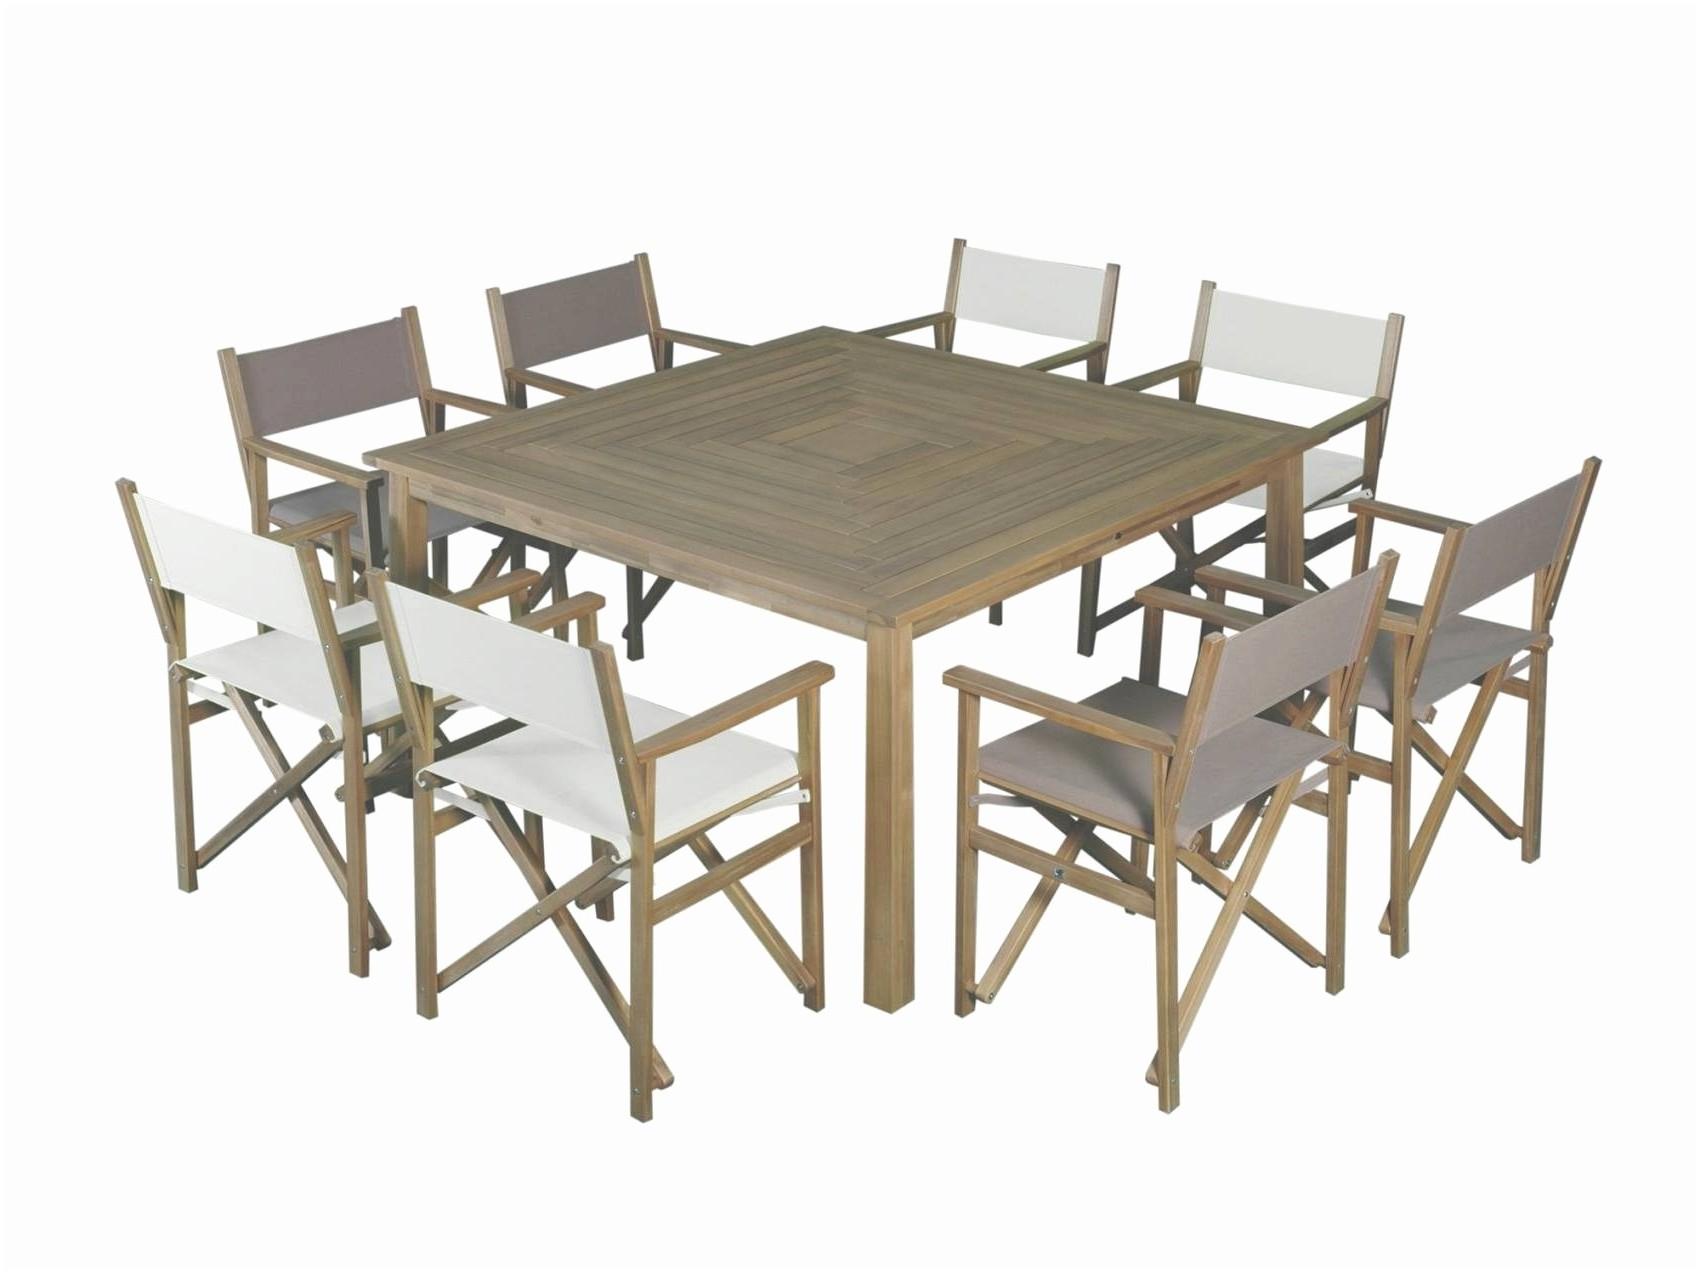 Table De Camping Leclerc Inspirant Images 14meilleur De Cuisine Leclerc Intérieur De La Maison